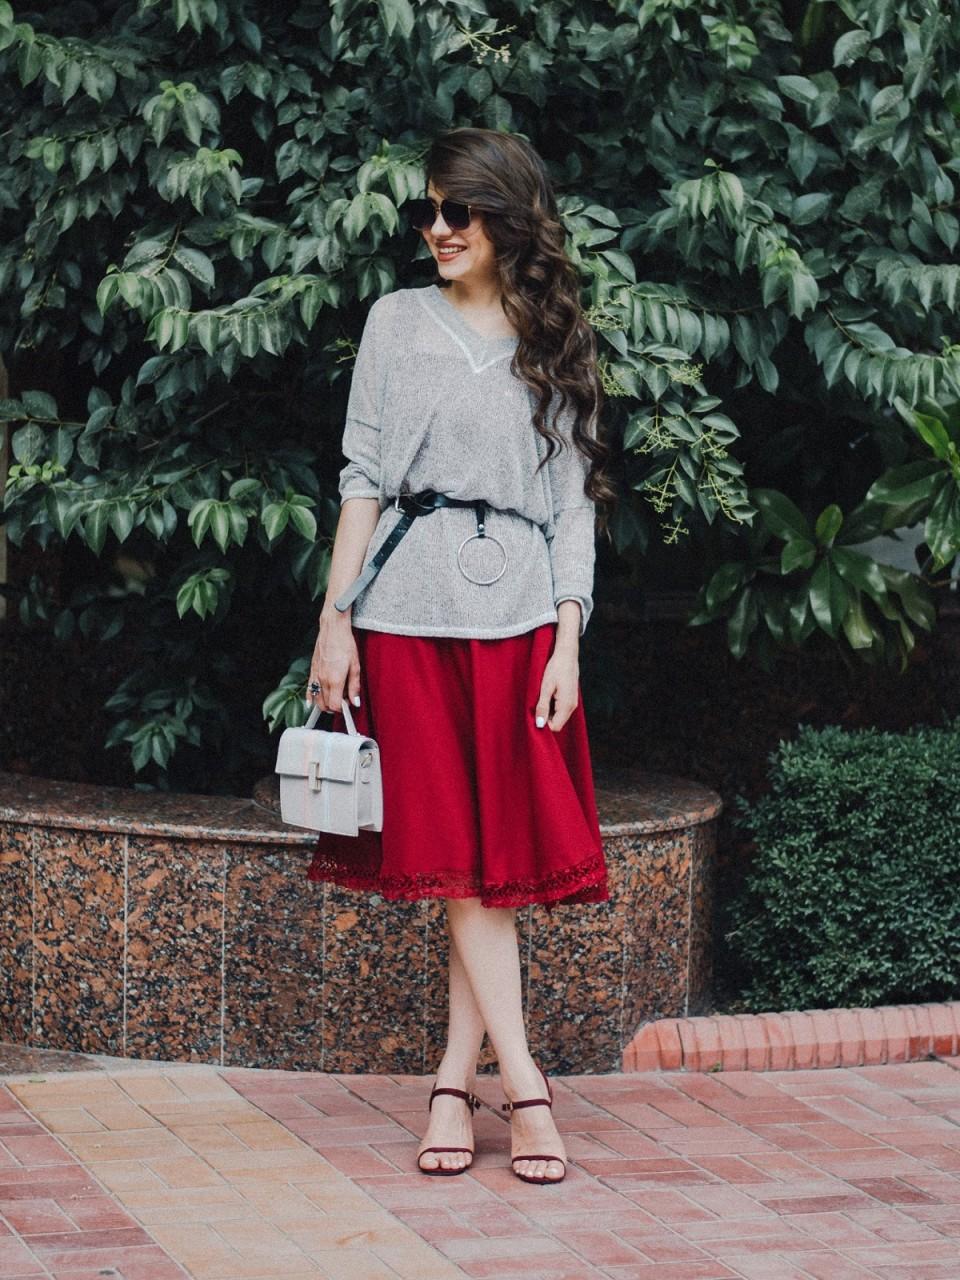 Девушка с маленькой сумочкой и красной юбке